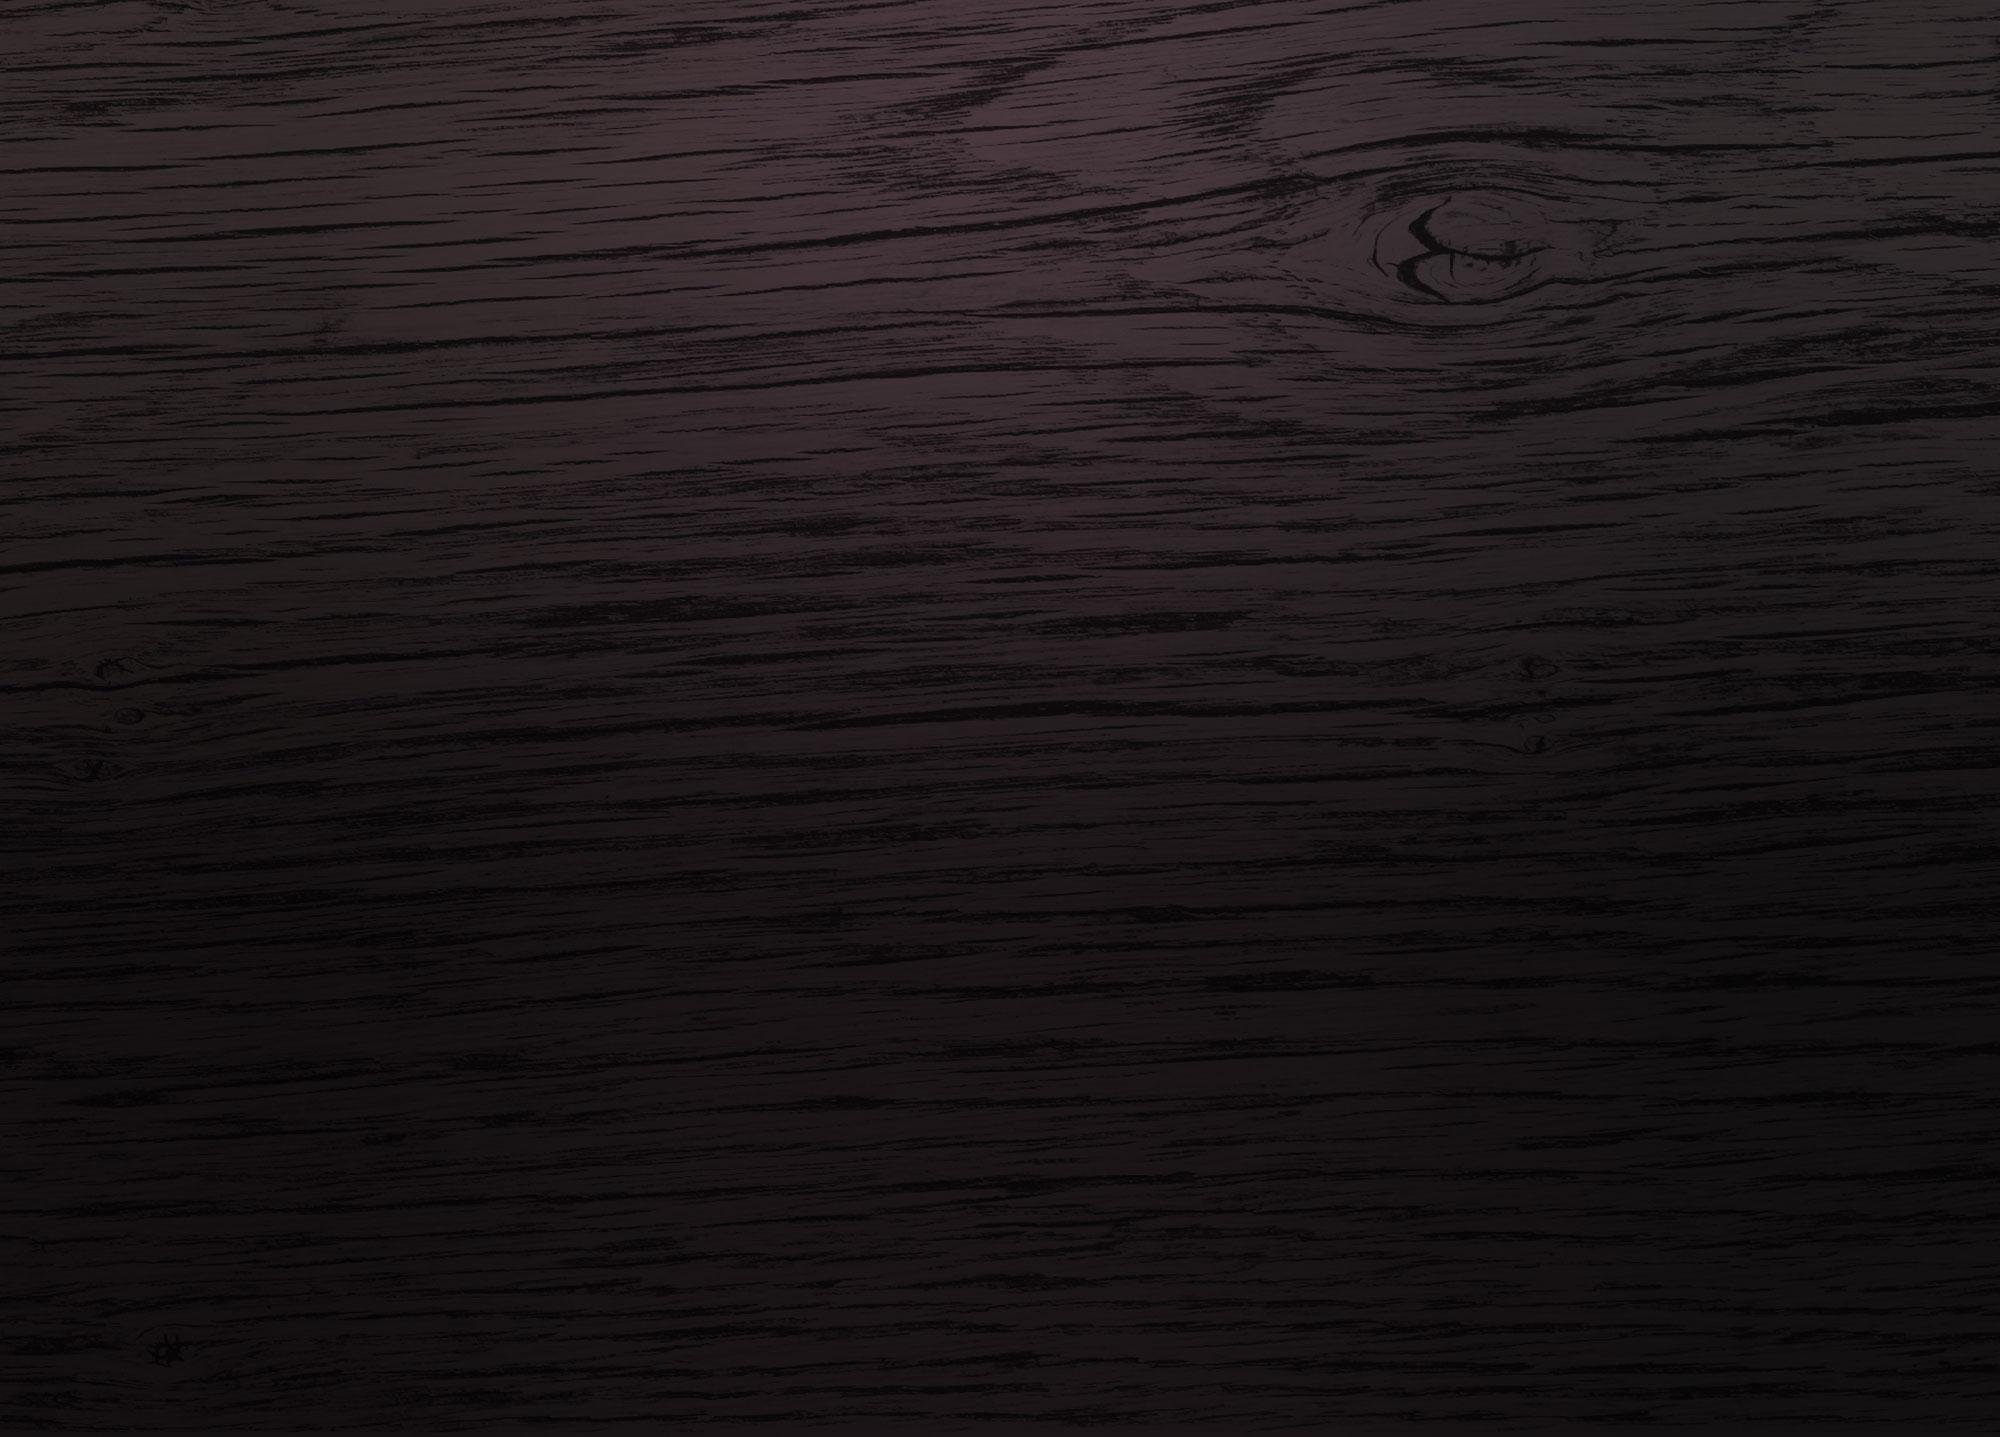 parkettleger bodenleger raumausstatter. Black Bedroom Furniture Sets. Home Design Ideas